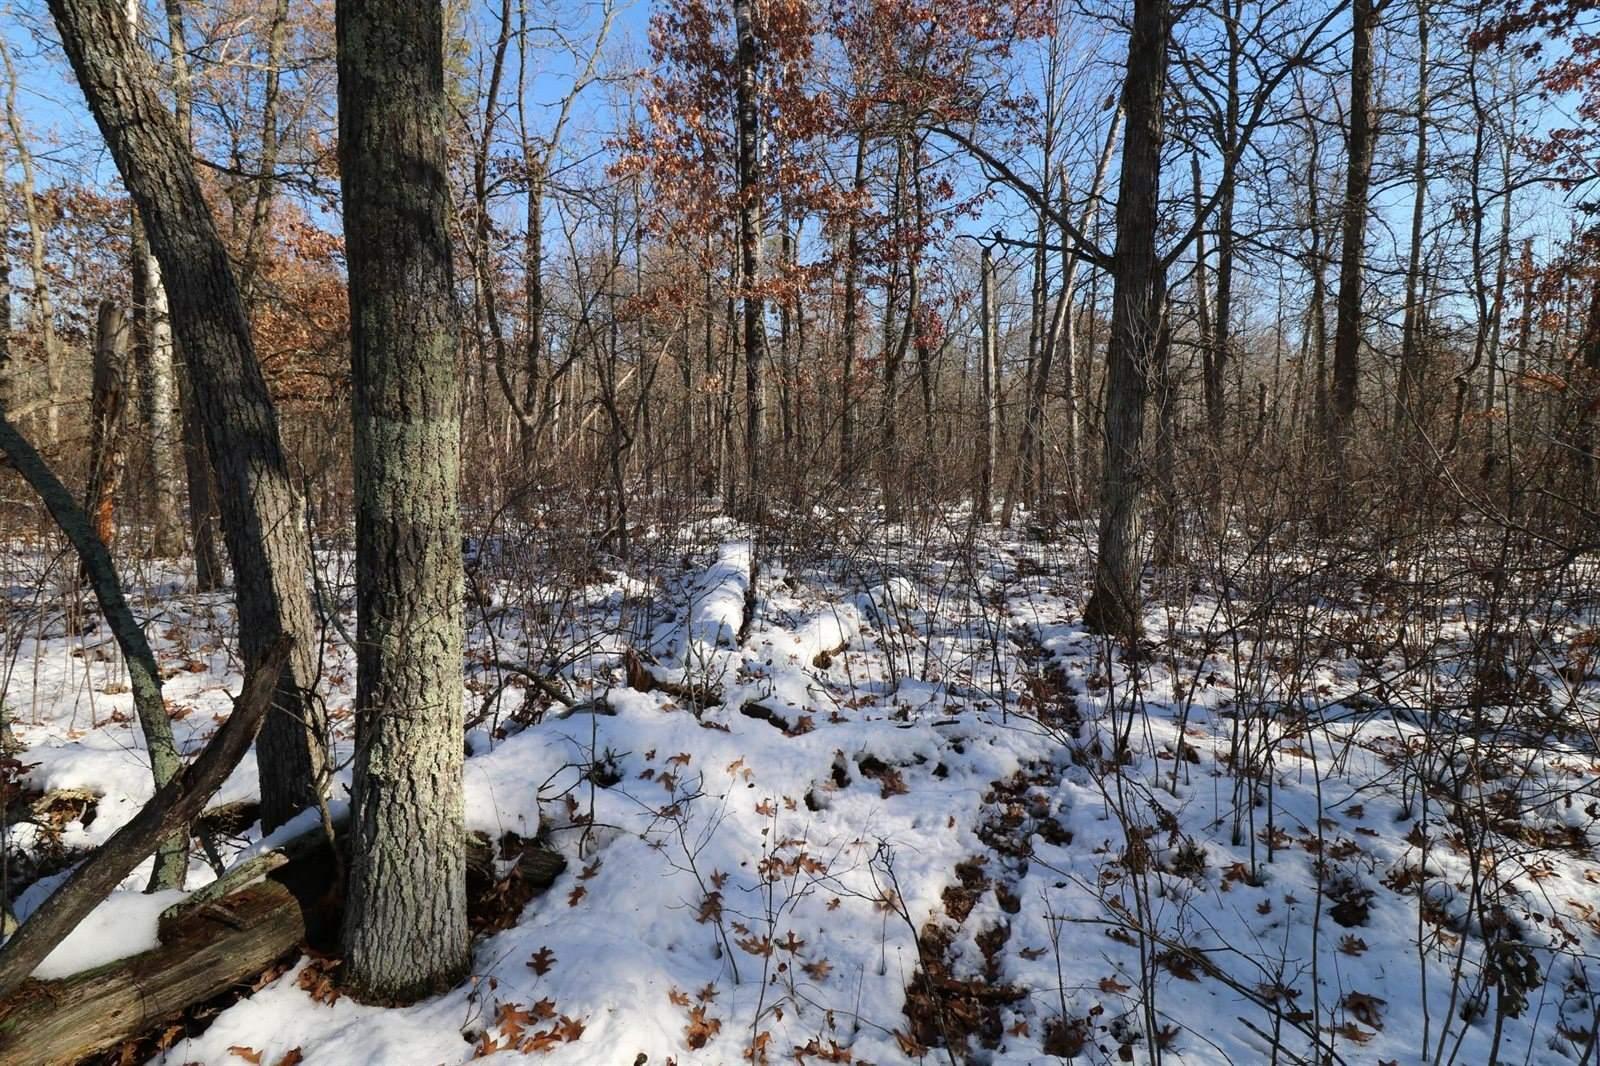 Lot 5 Blk 1 Duckwood Trail, Crosslake, MN 56442